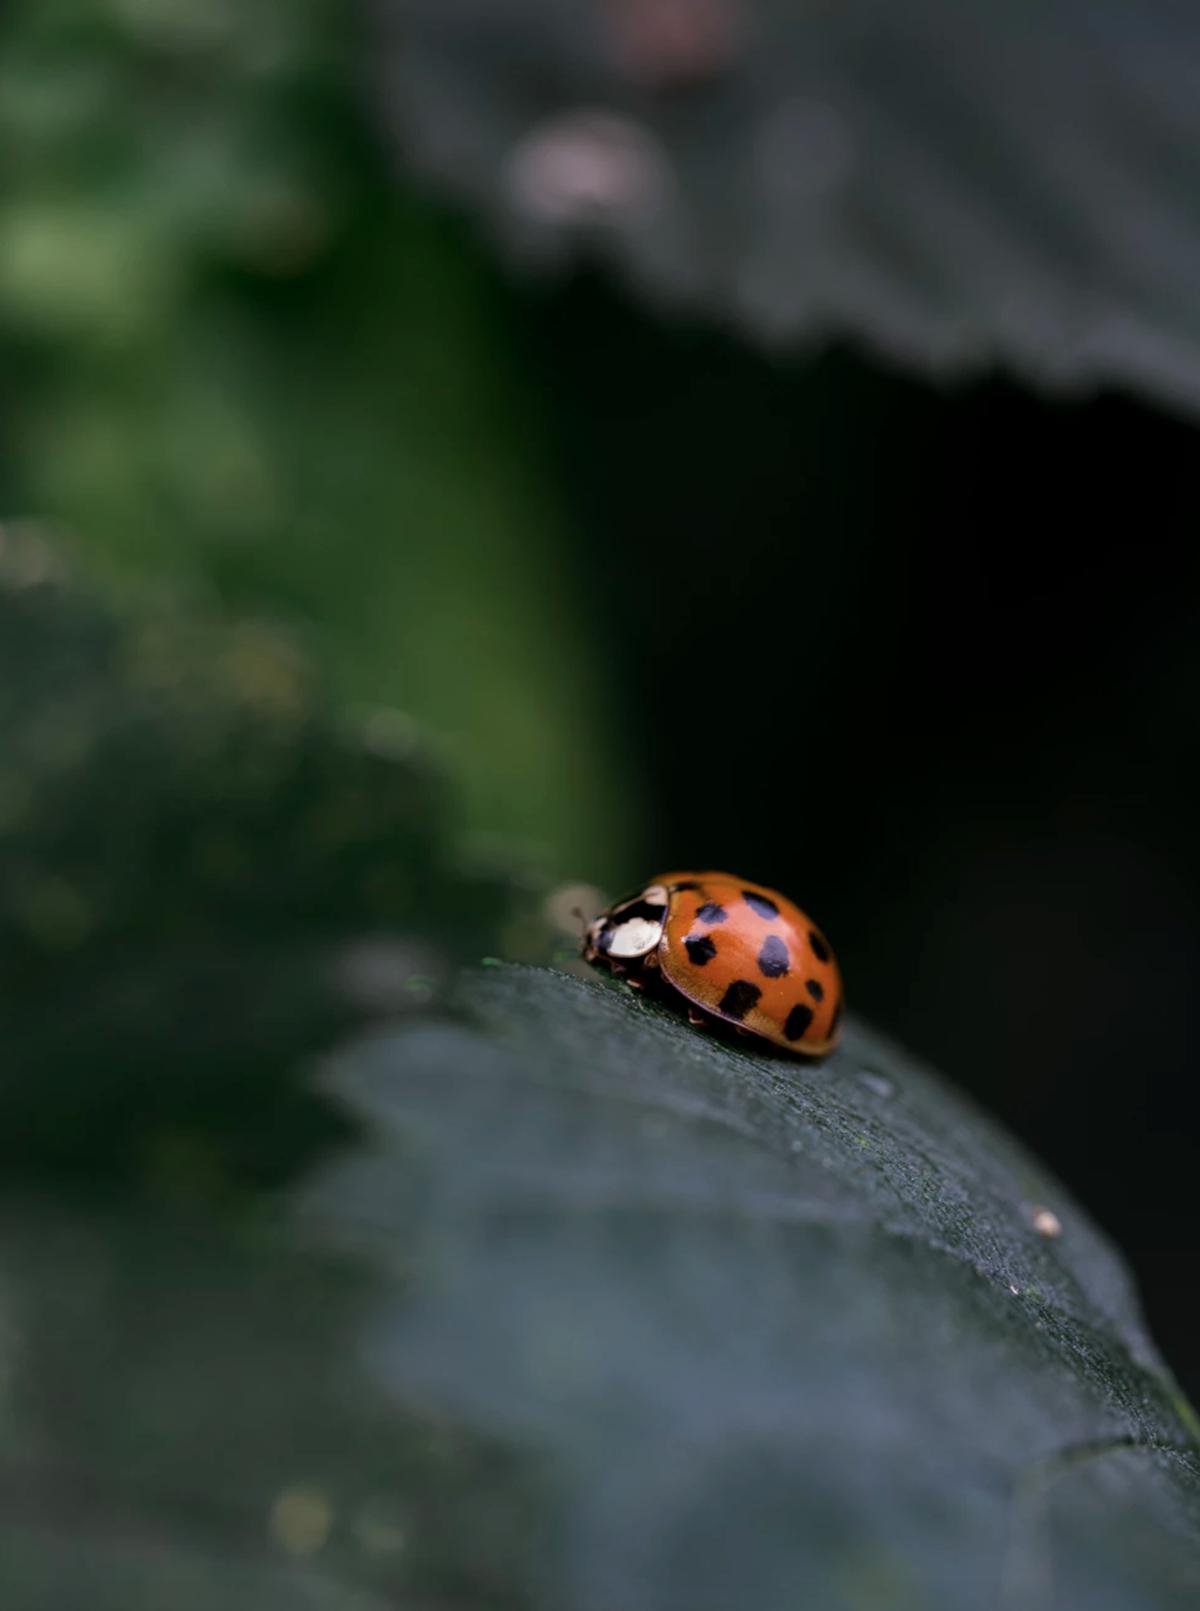 coccinelle mangeur pucerons insectes extérieur nature biodiversité - clematc